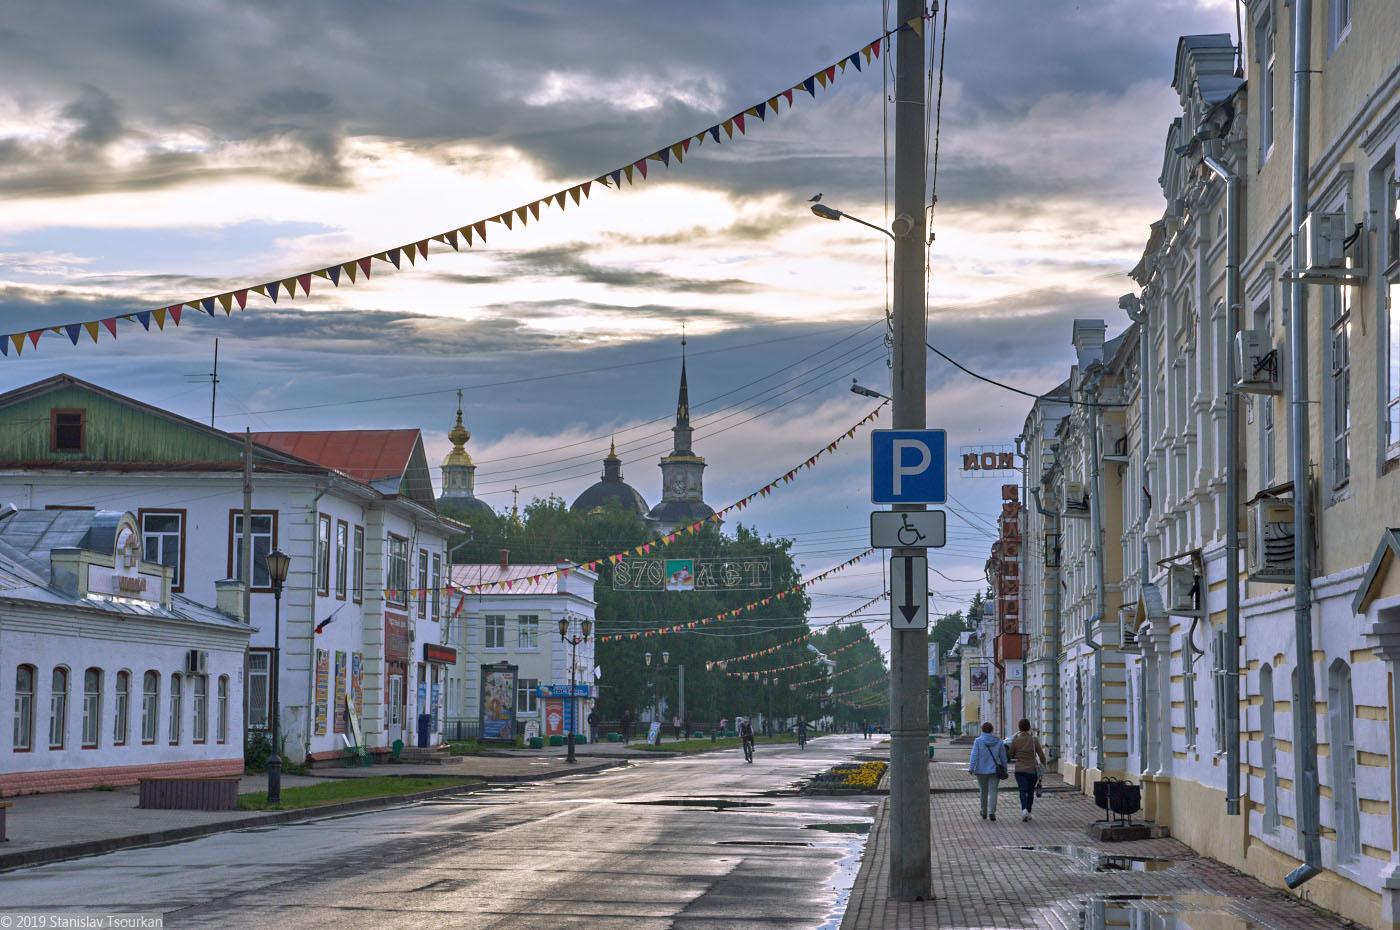 Вологодская область, Вологодчина, Великий Устюг, Русский север, 870 лет, 870, Советский проспект